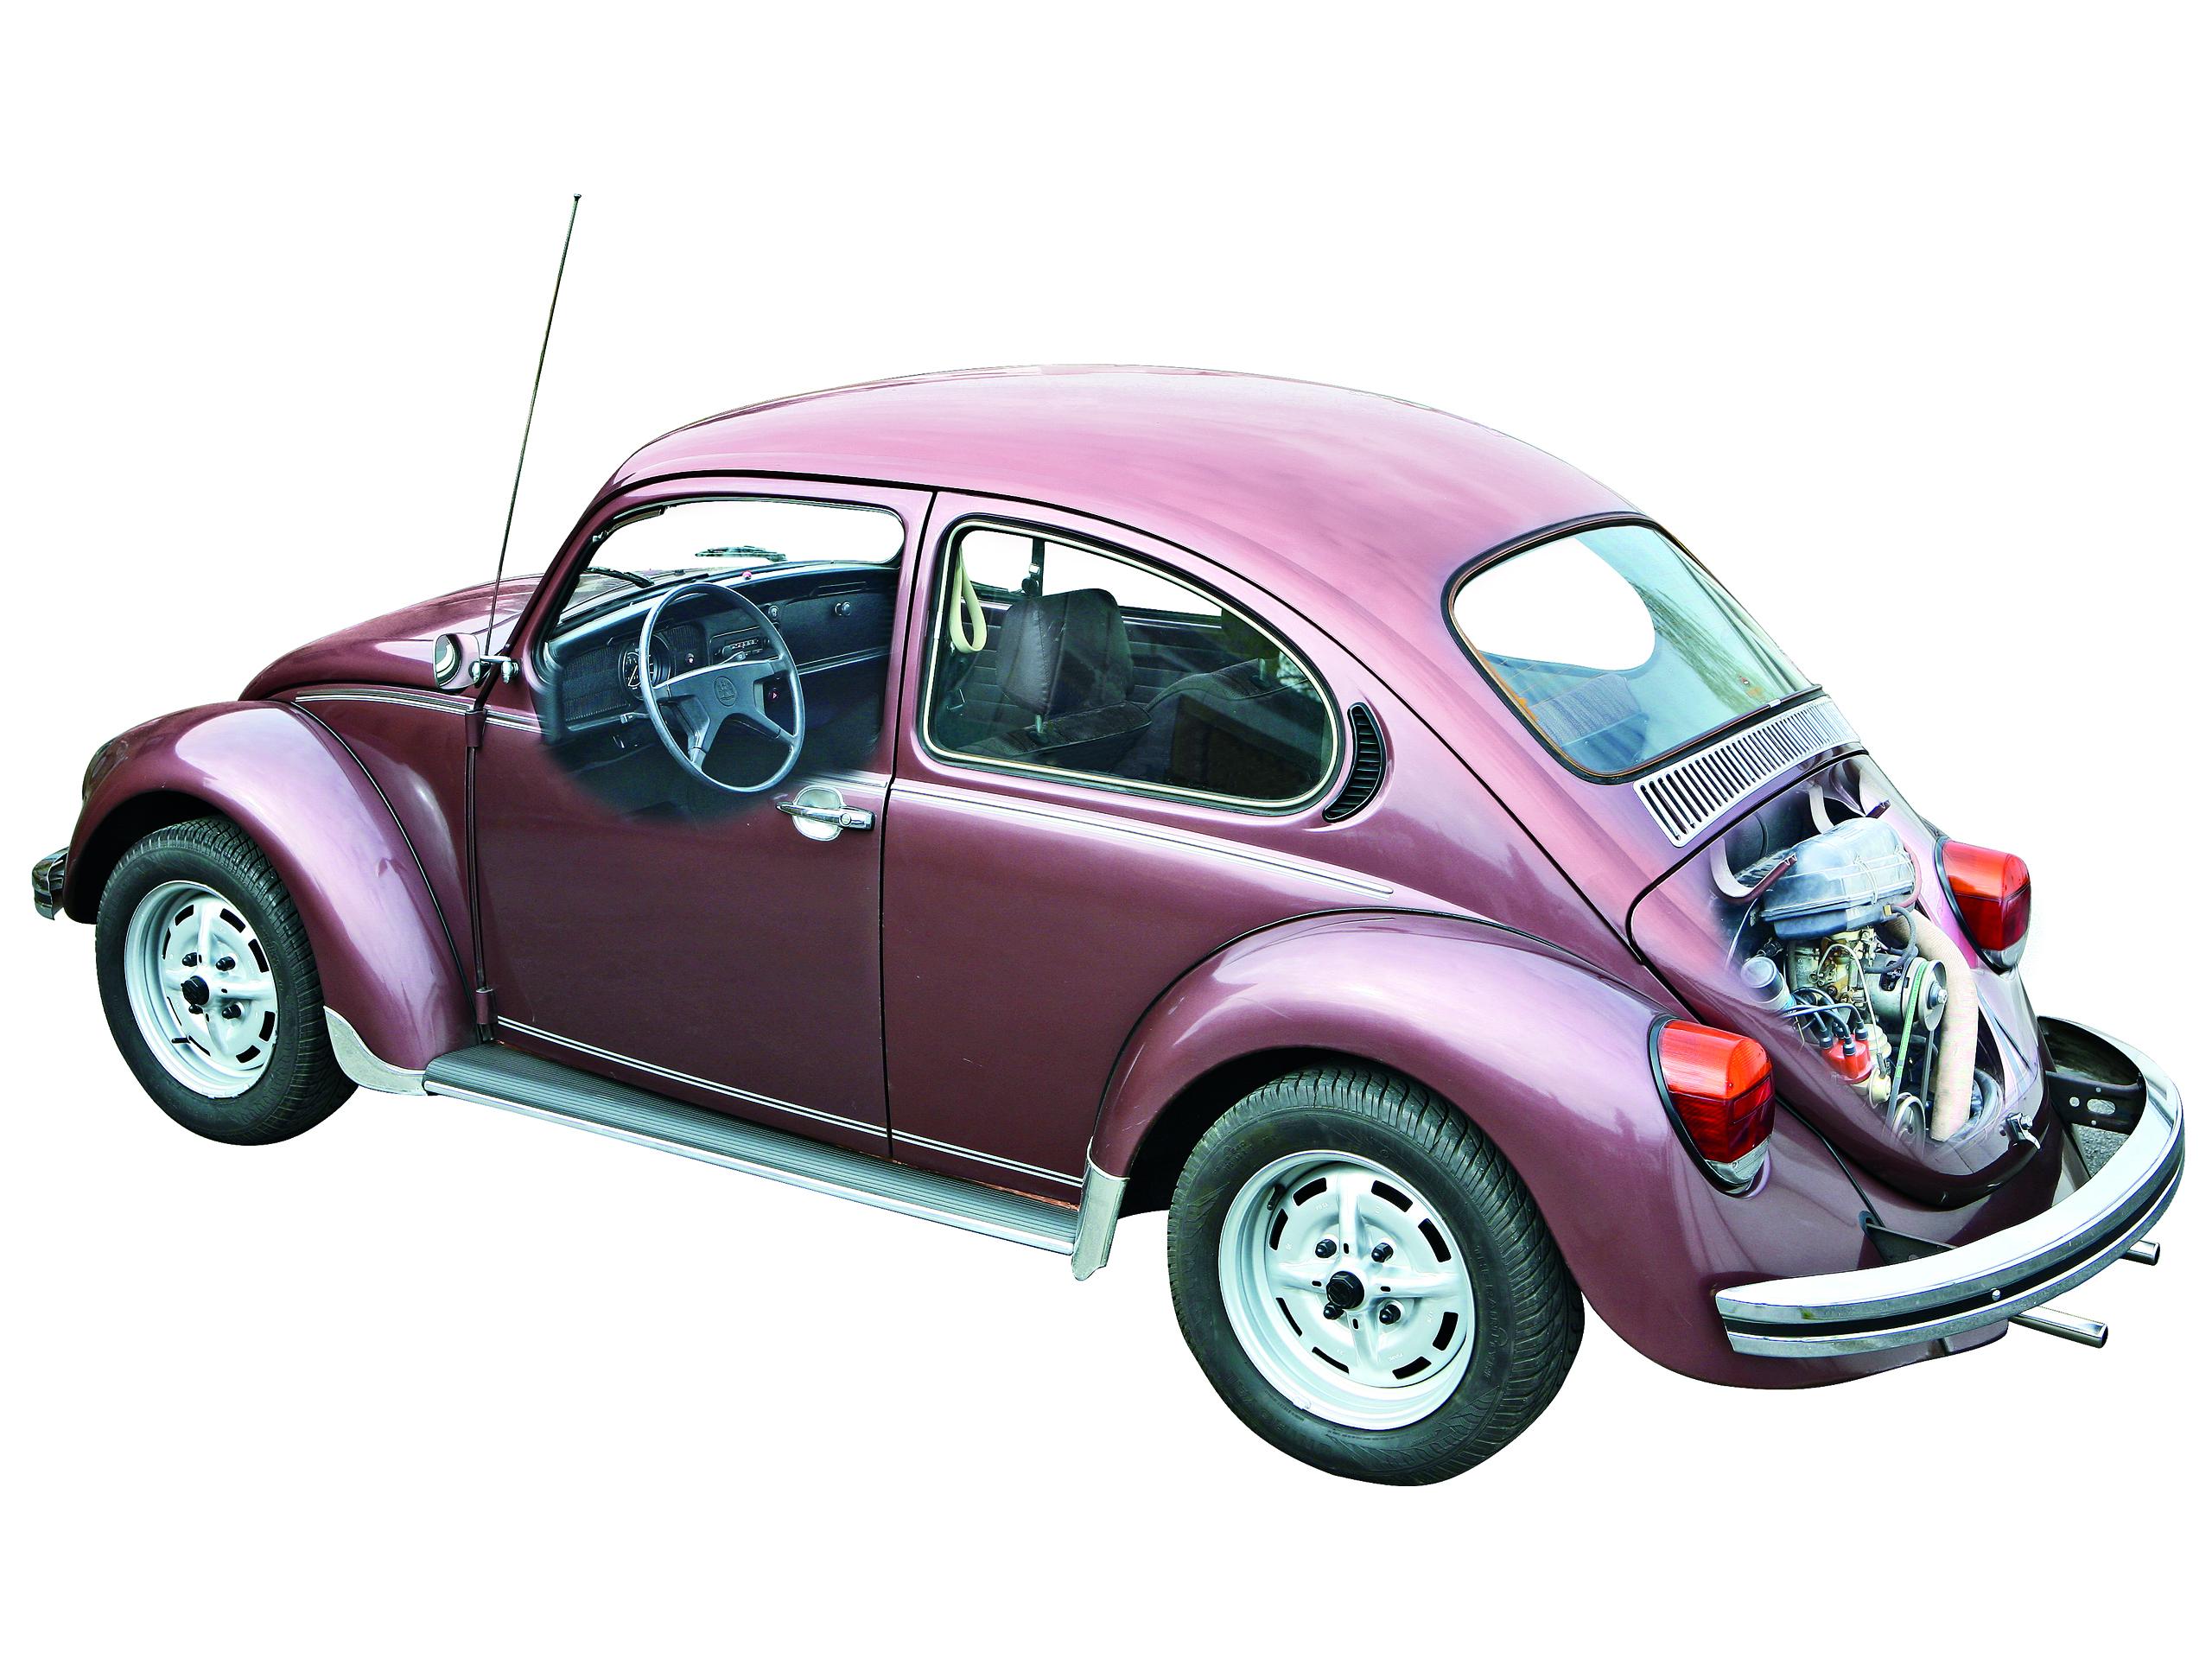 VW Mexiko-Käfer: Kaufberatung für 1200 und 1600i | autozeitung.de